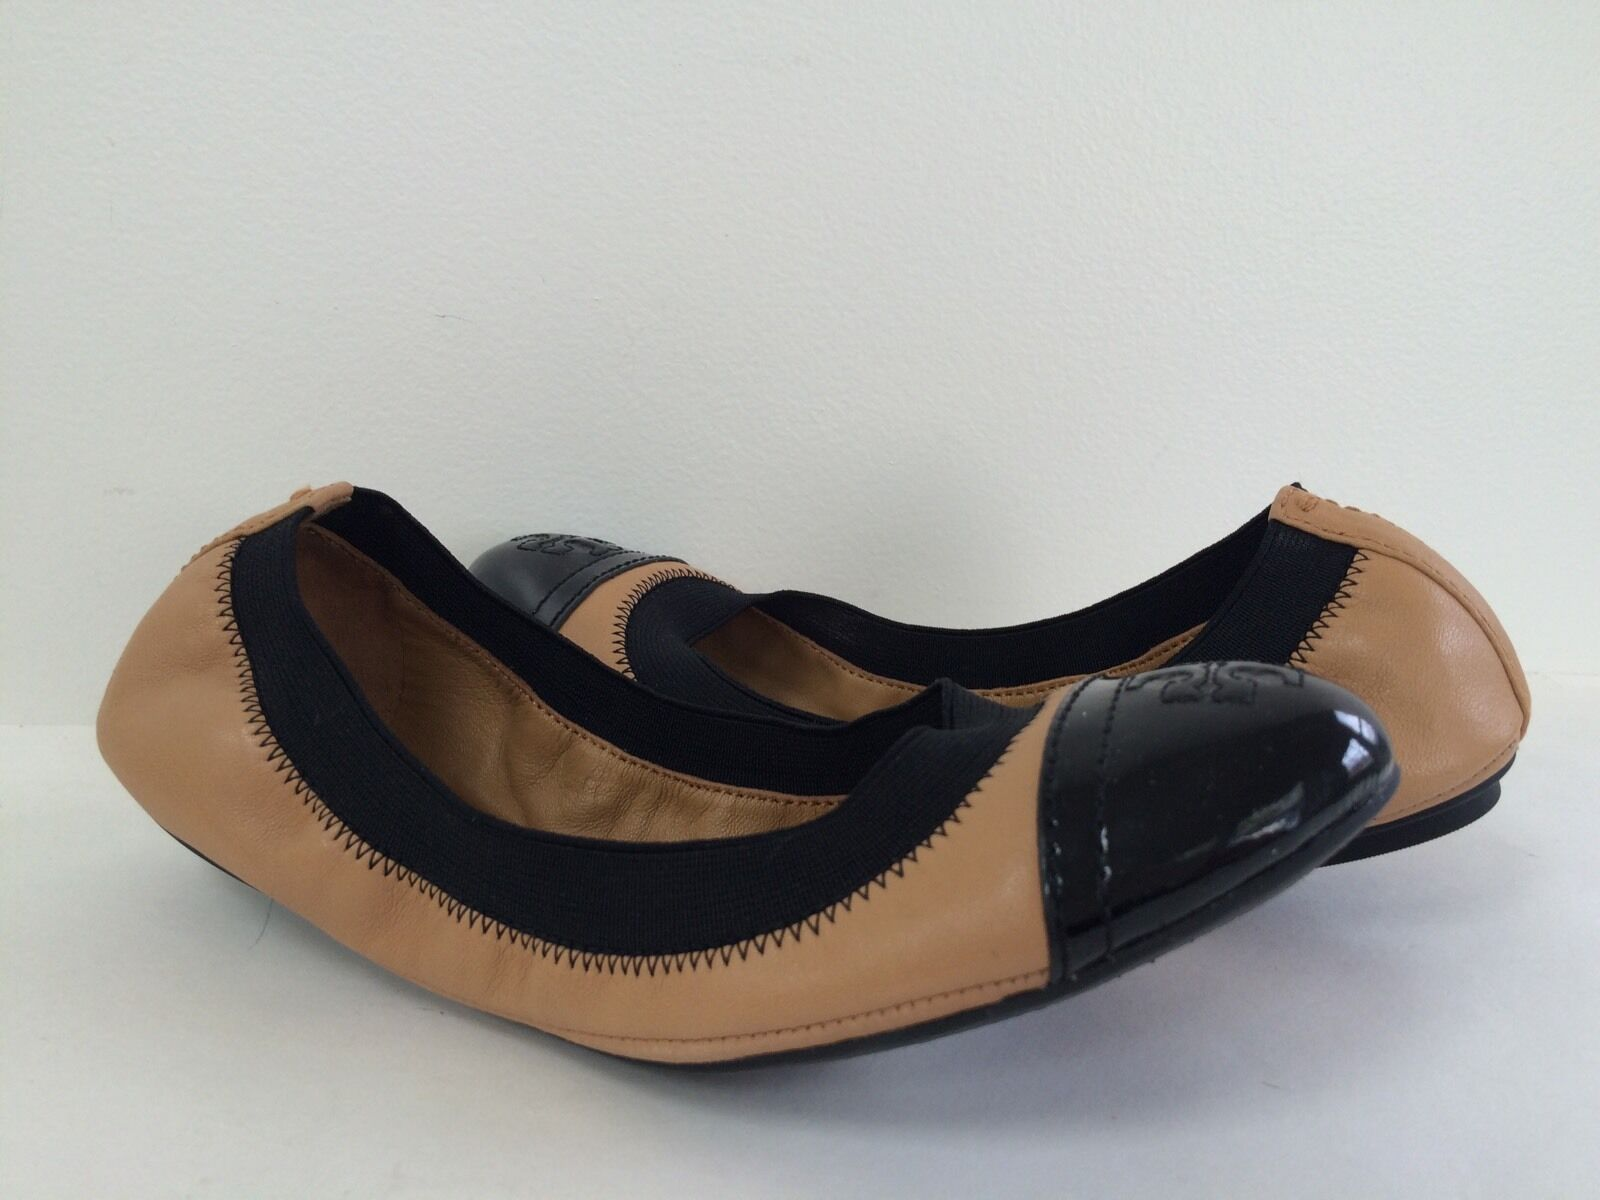 Nouveau Tory Burch 5.5 m Gabby Flats Ballet élastique Bordure Cuir Beige Noir Sz 5.5 m